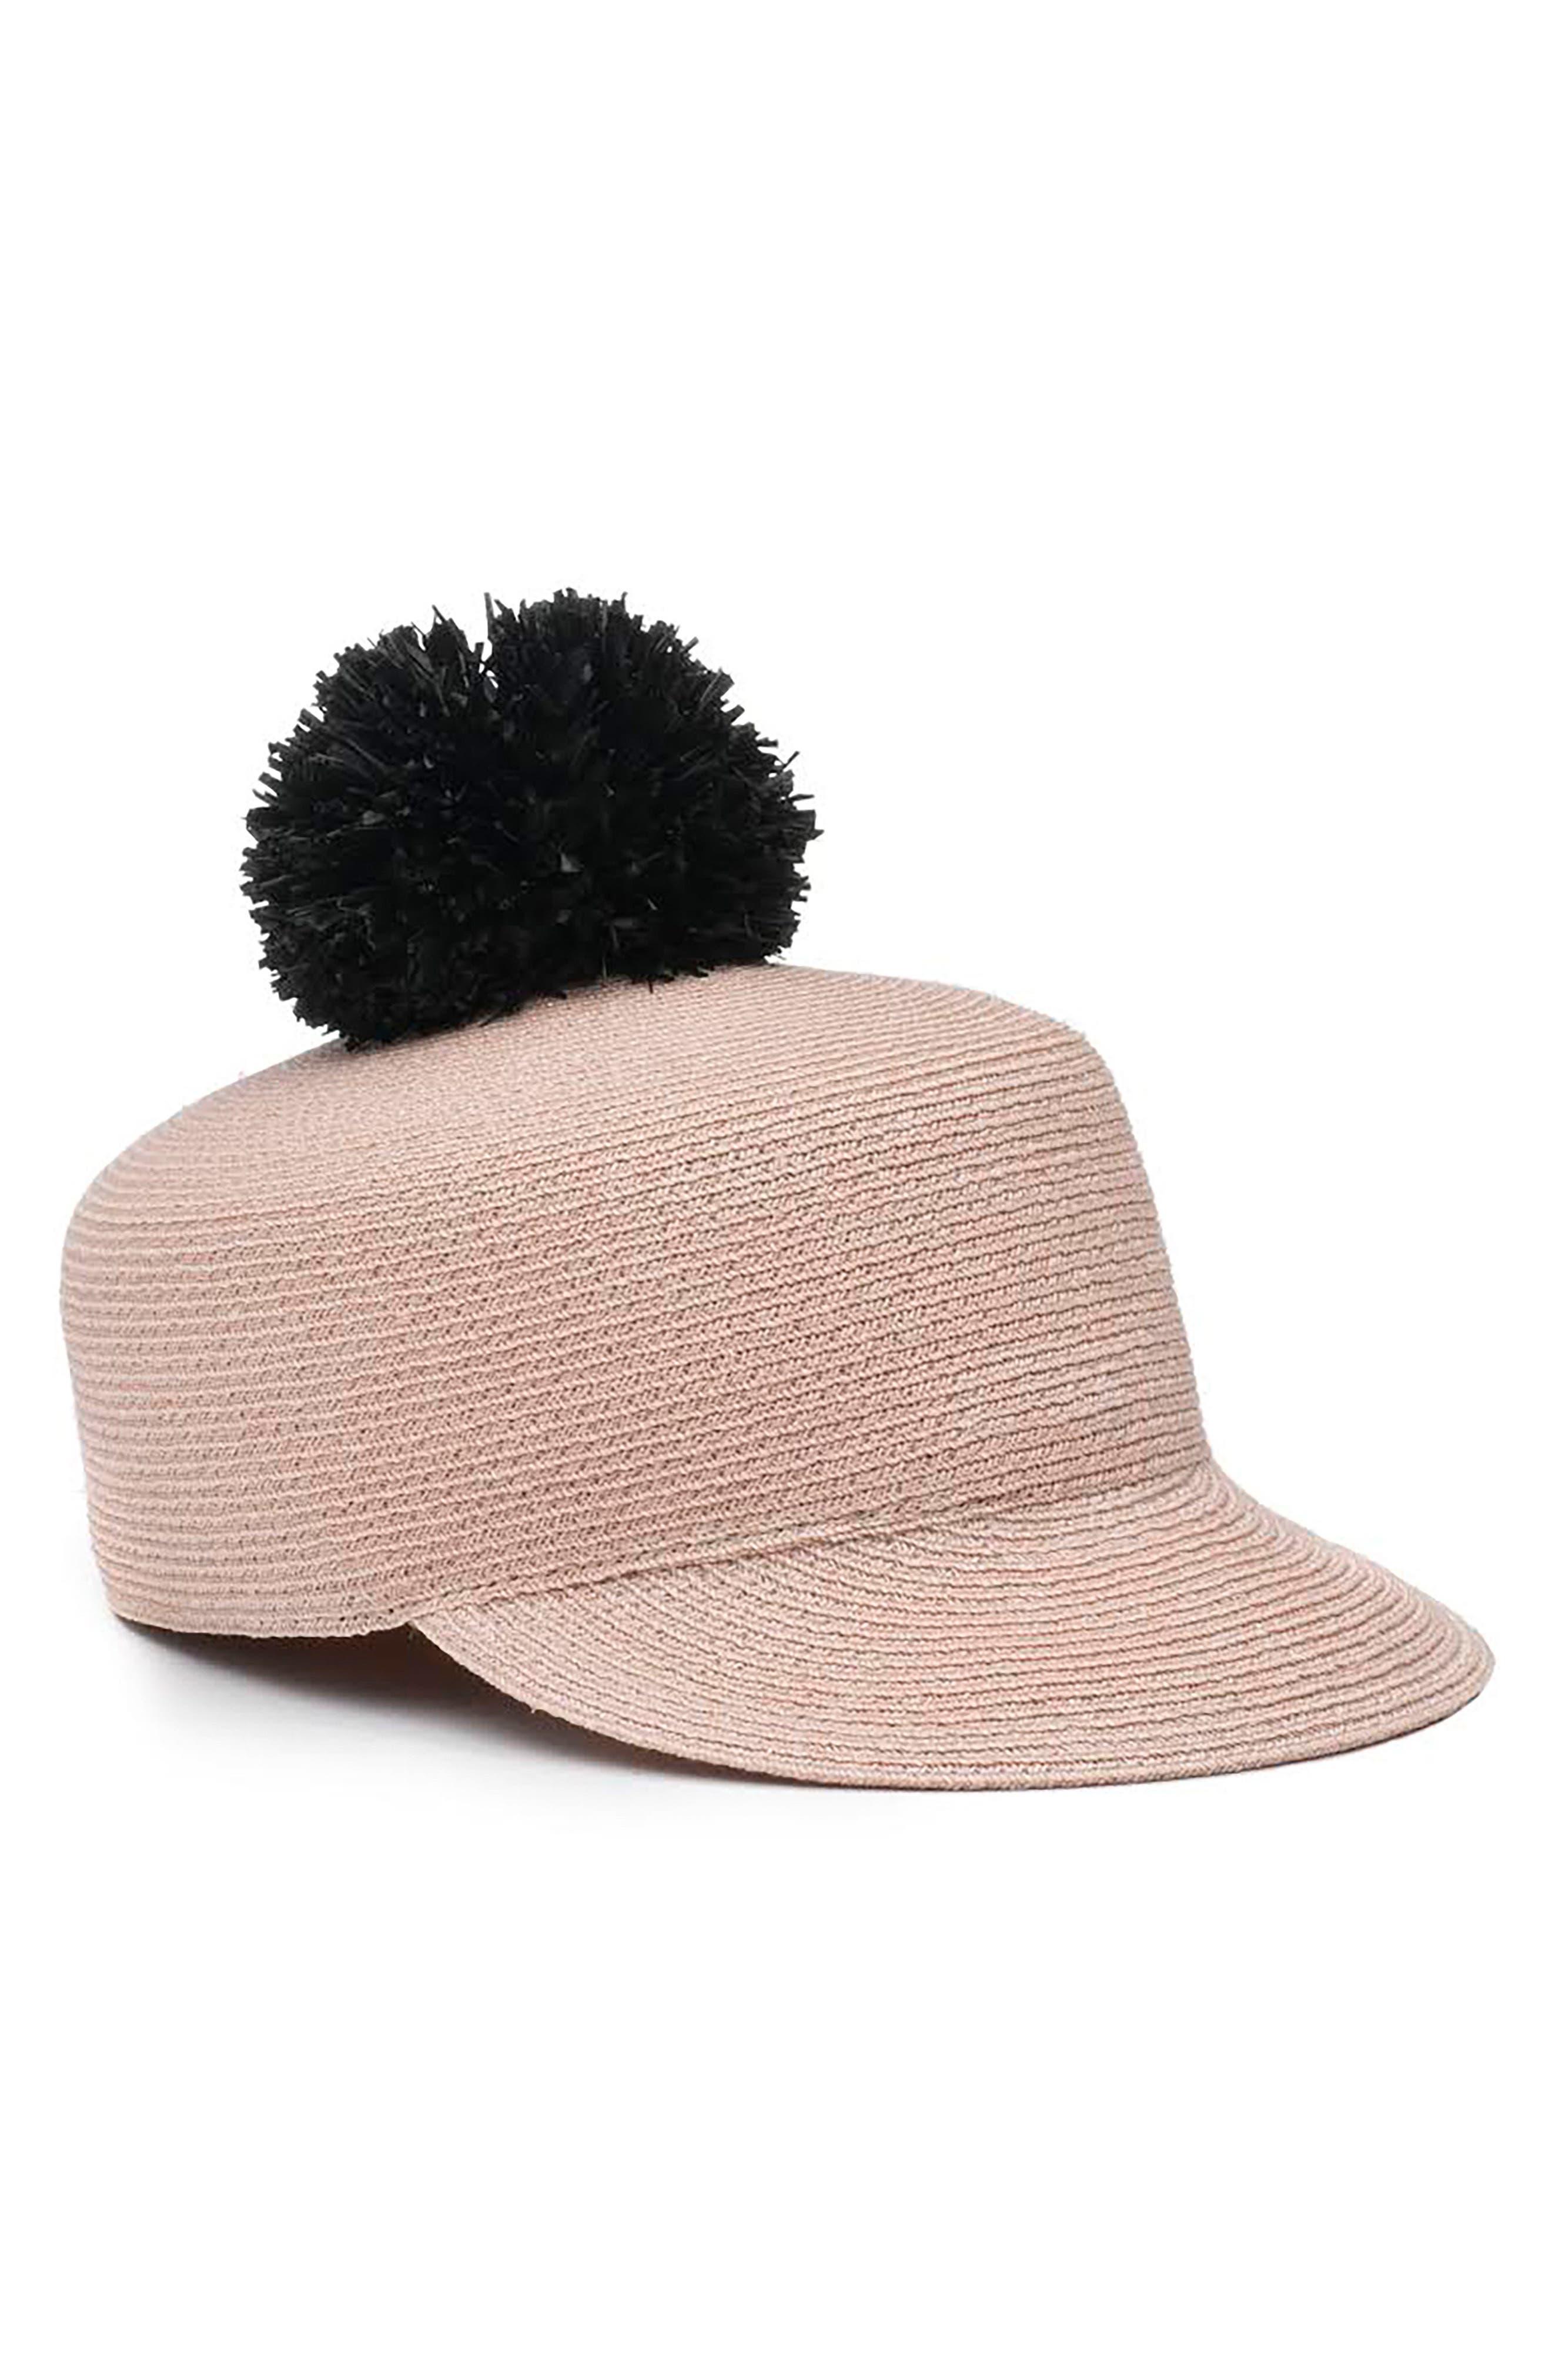 EUGENIA KIM Pom Straw Hat